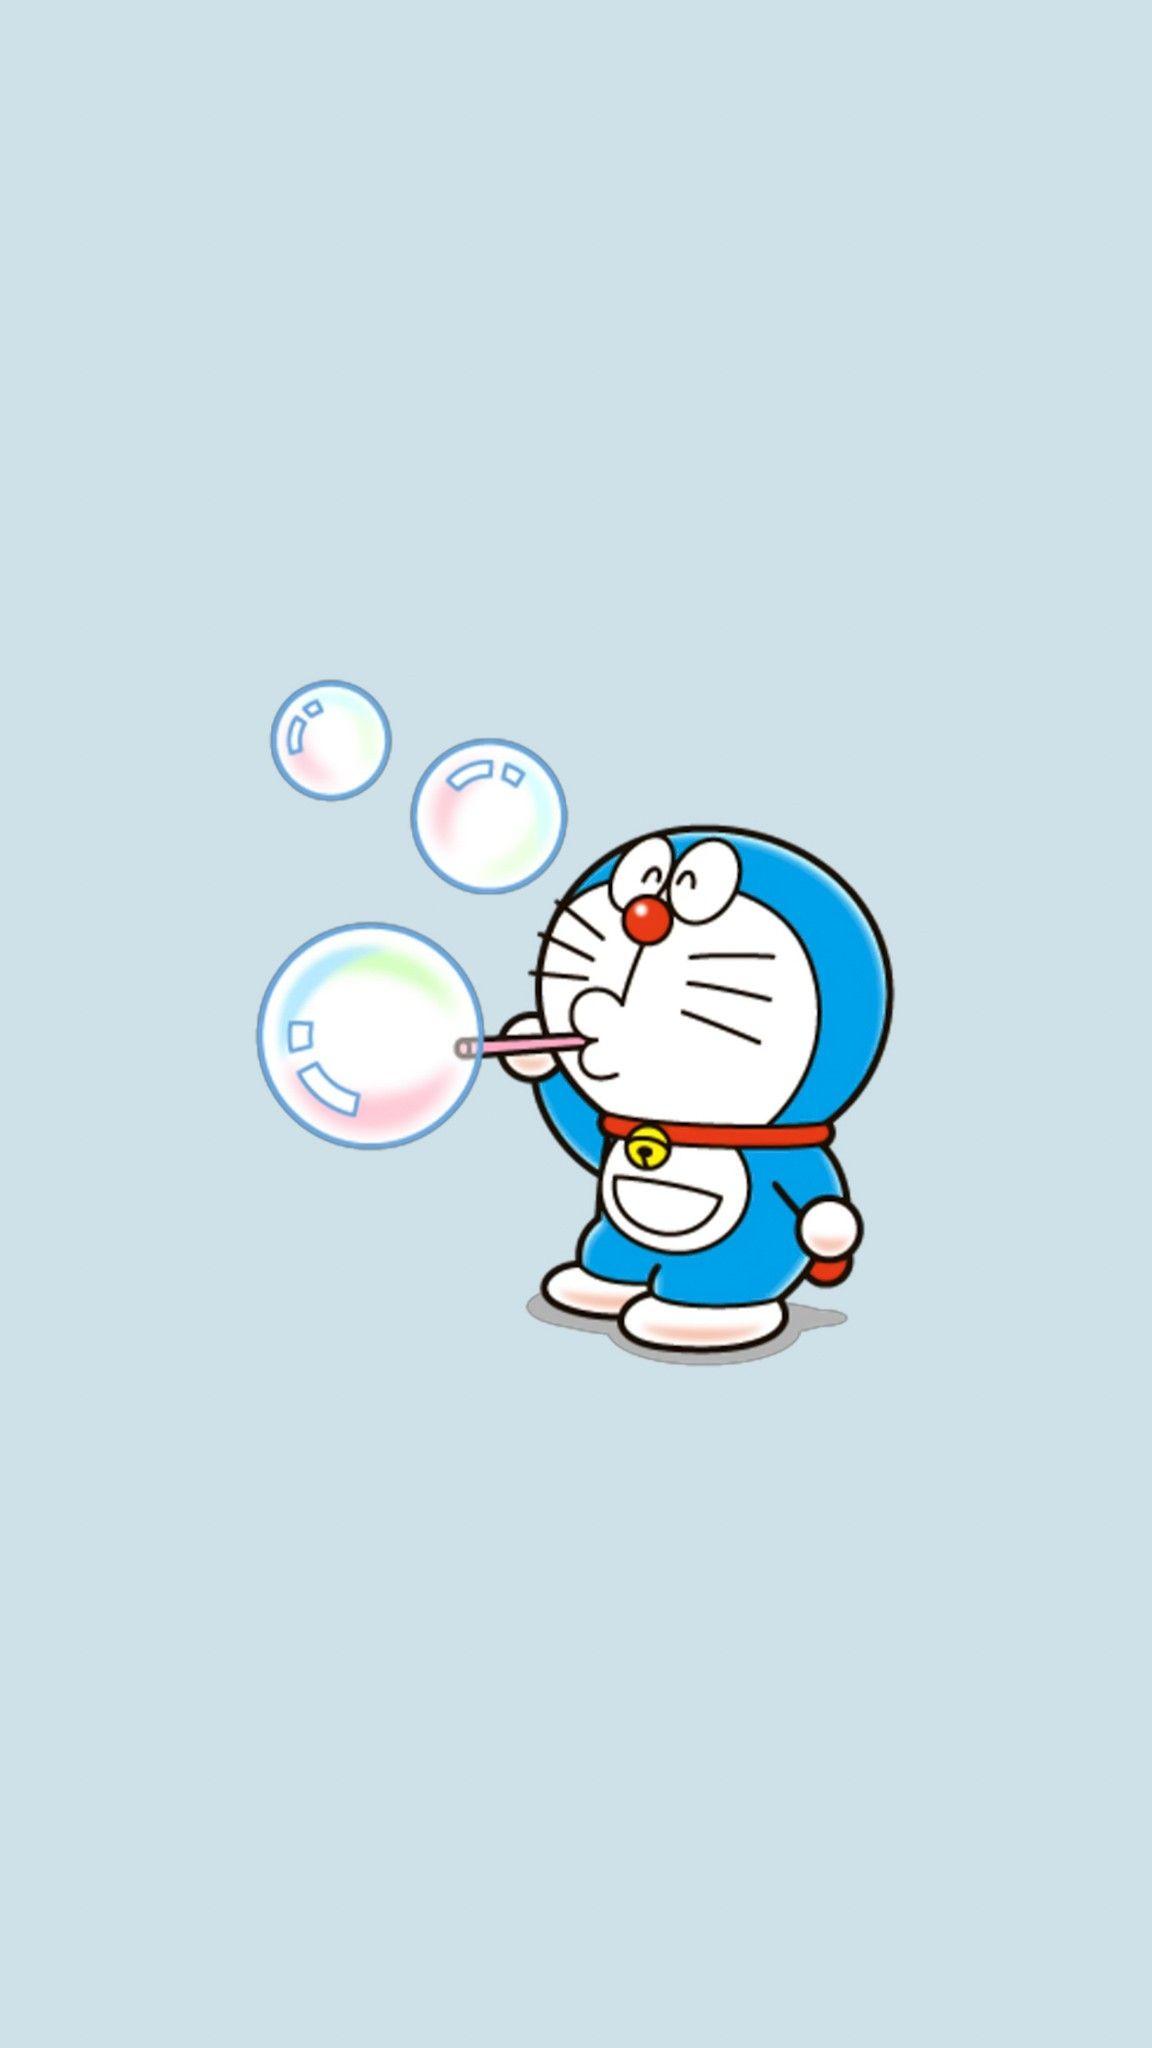 Pin By Aekkalisa On Doraemon Bg Doraemon Wallpapers Doraemon Cartoon Doraemon Wallpaper Cute doraemon wallpaper images images